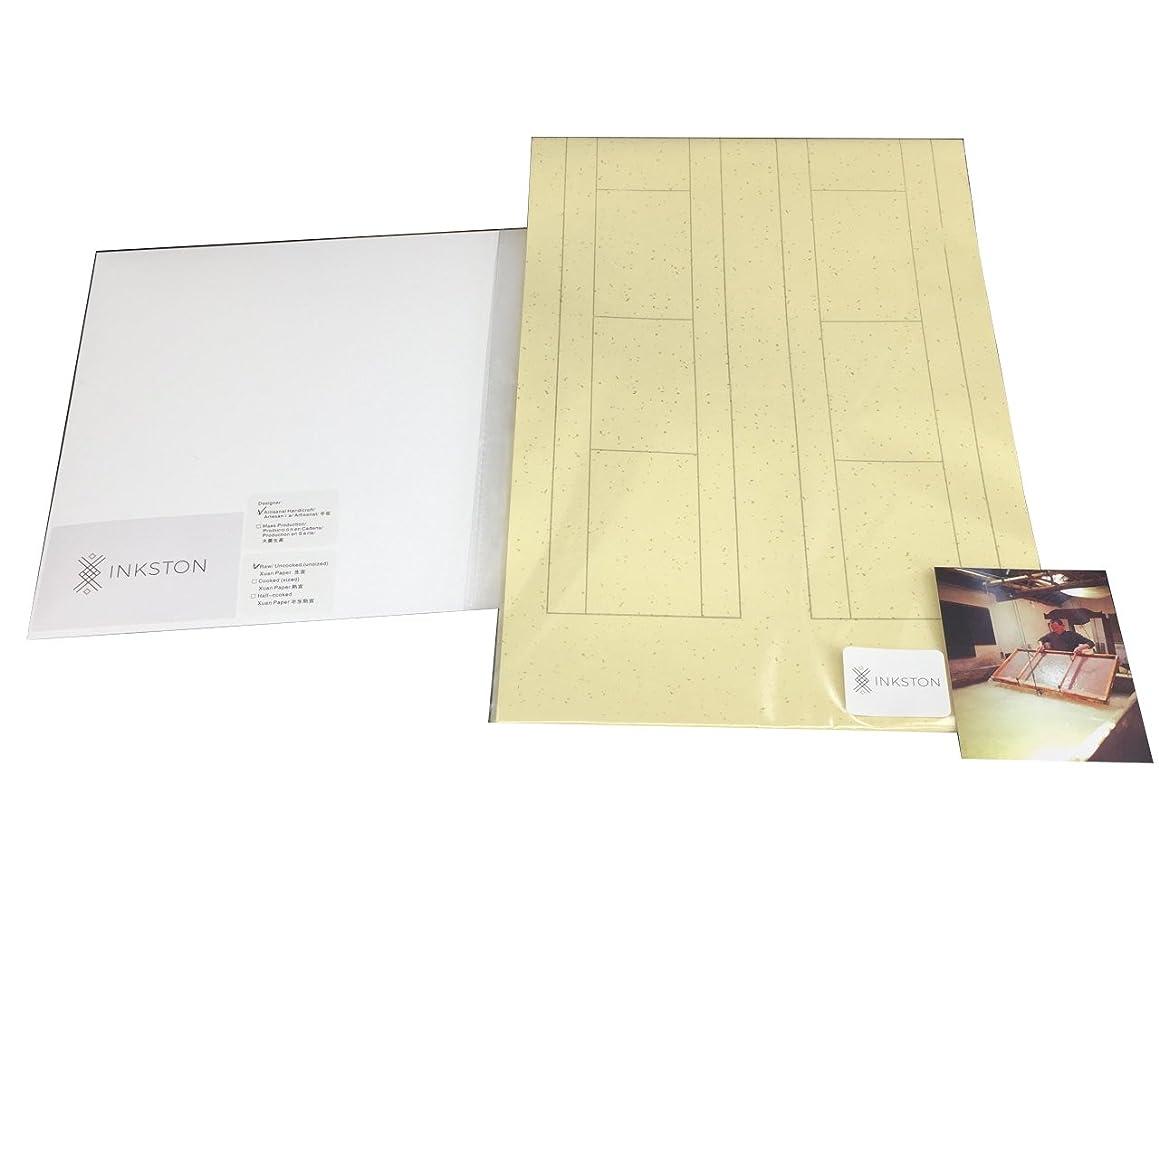 INKSTON Decorative Xuan Paper pack (Idxp-09)